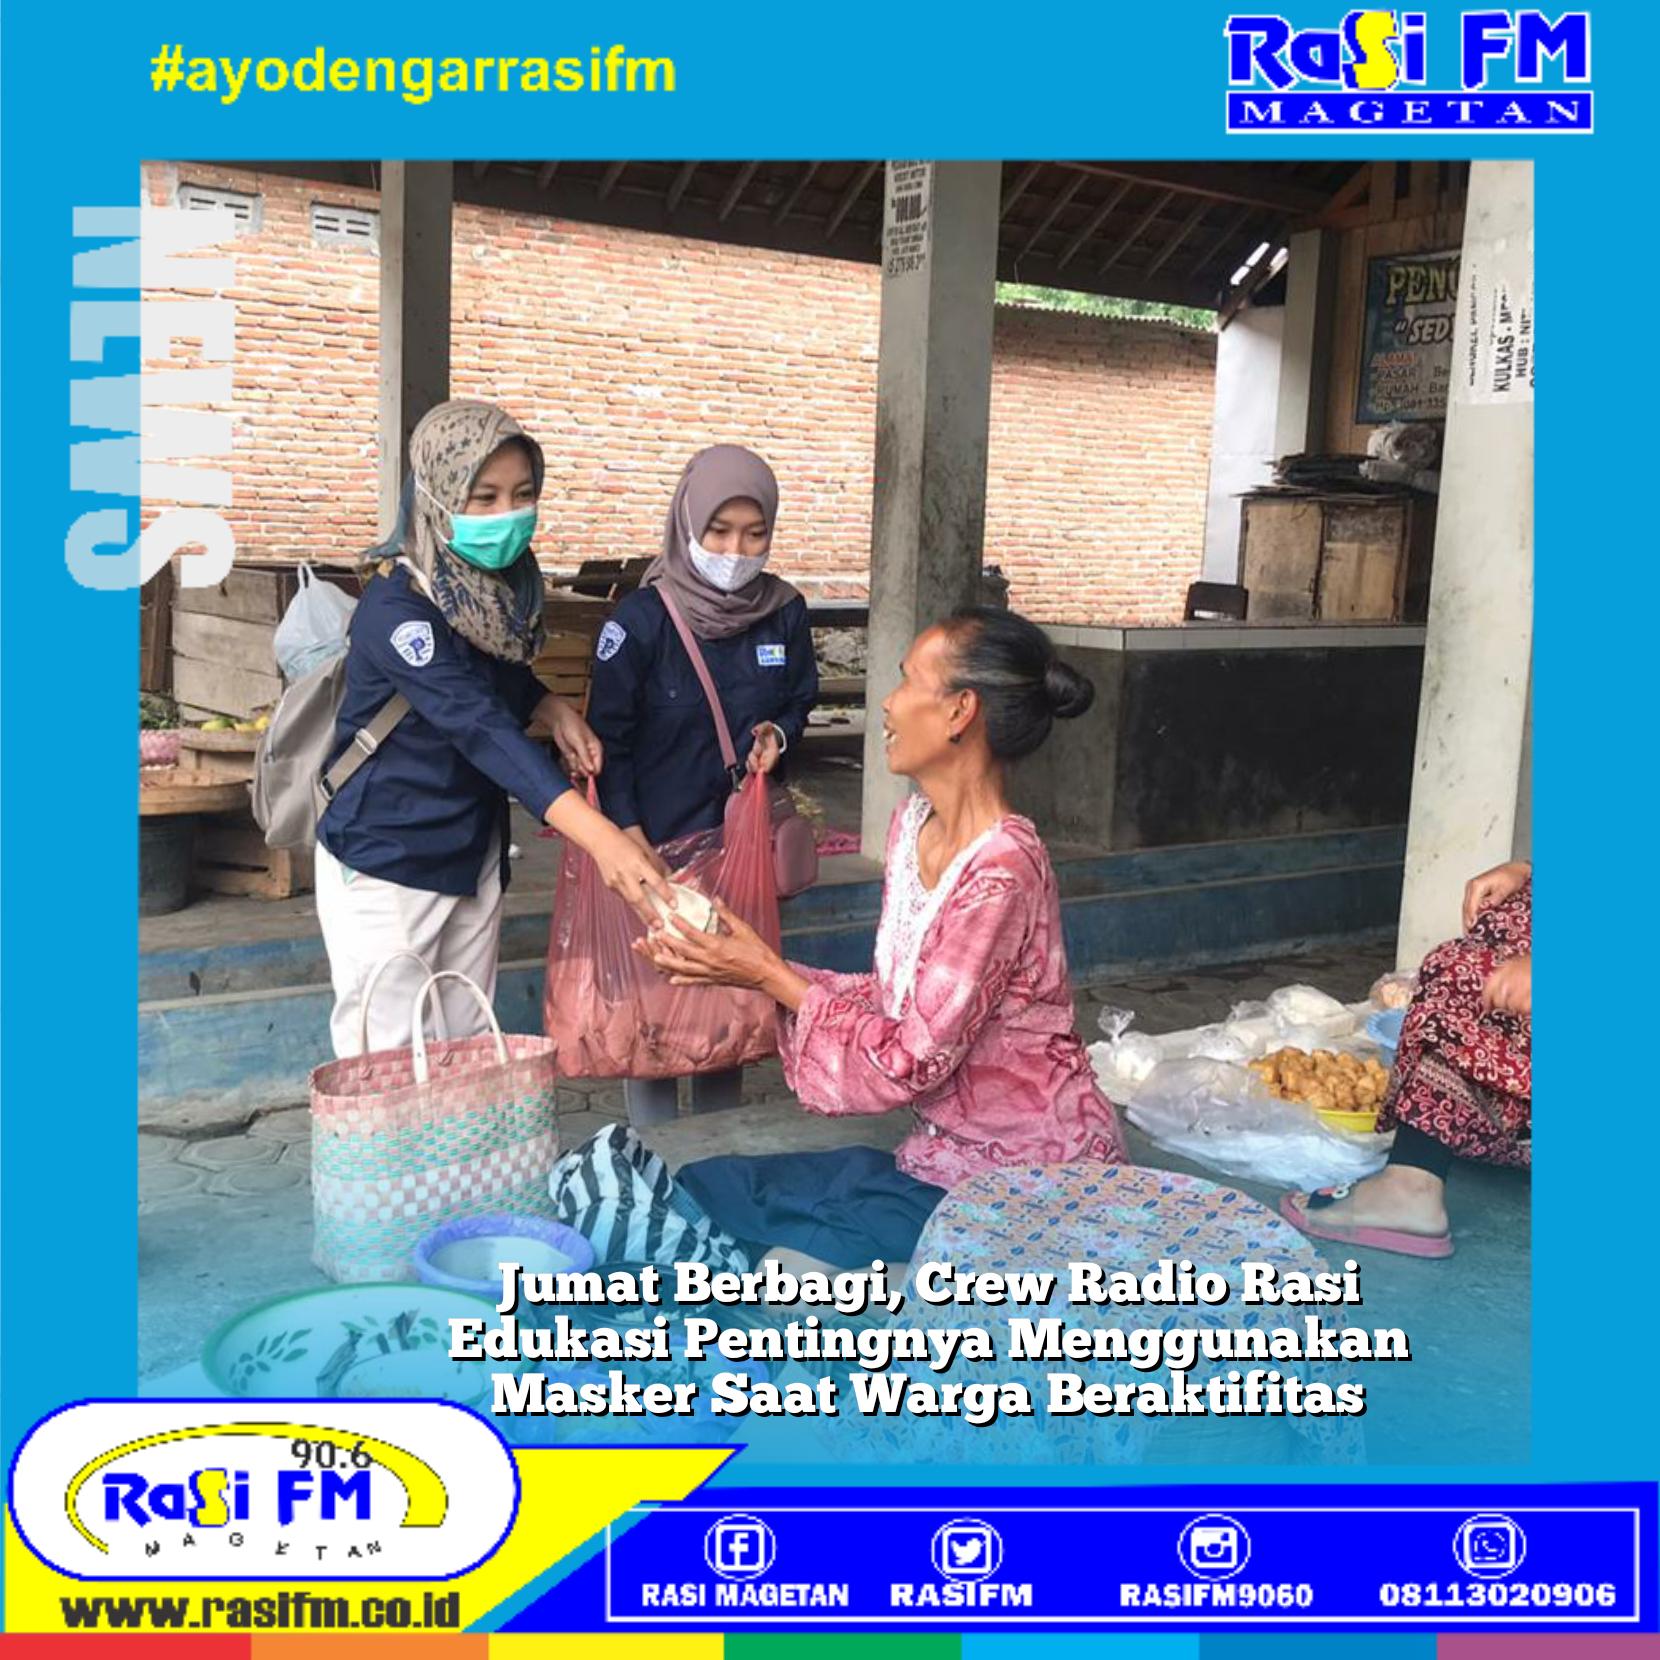 Jumat Berbagi, Crew Radio Rasi Edukasi Pentingnya Menggunakan Masker Saat Warga Beraktifitas